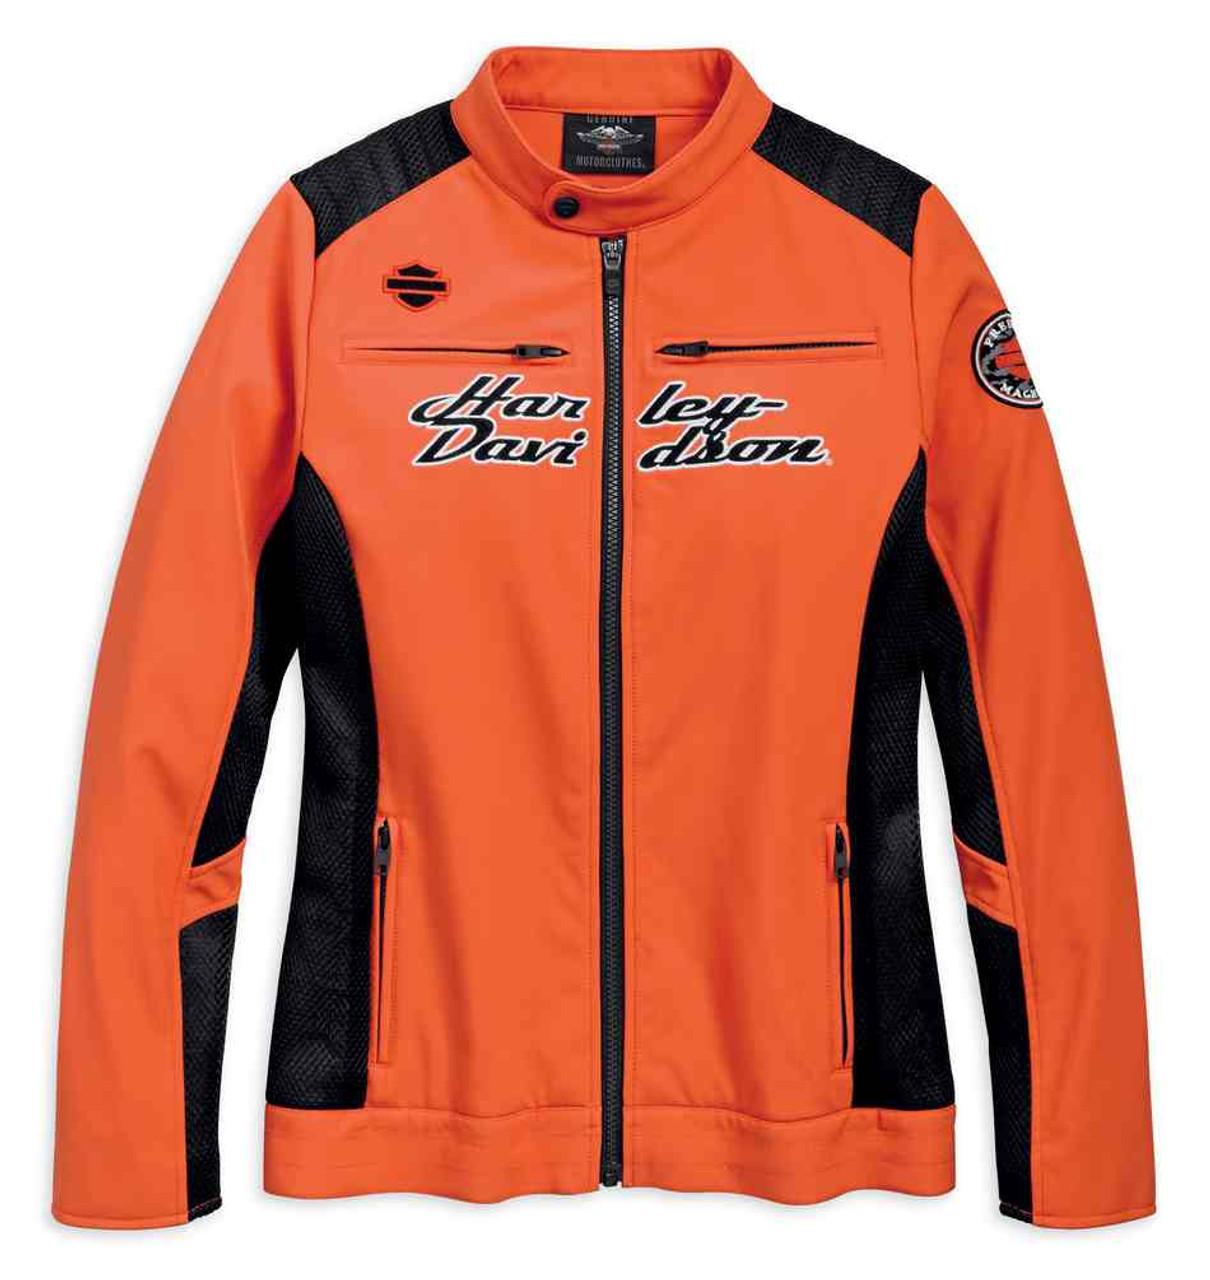 Harley Davidson® Women's Performance H D Mesh Riding Jacket, Orange 97527 19VW